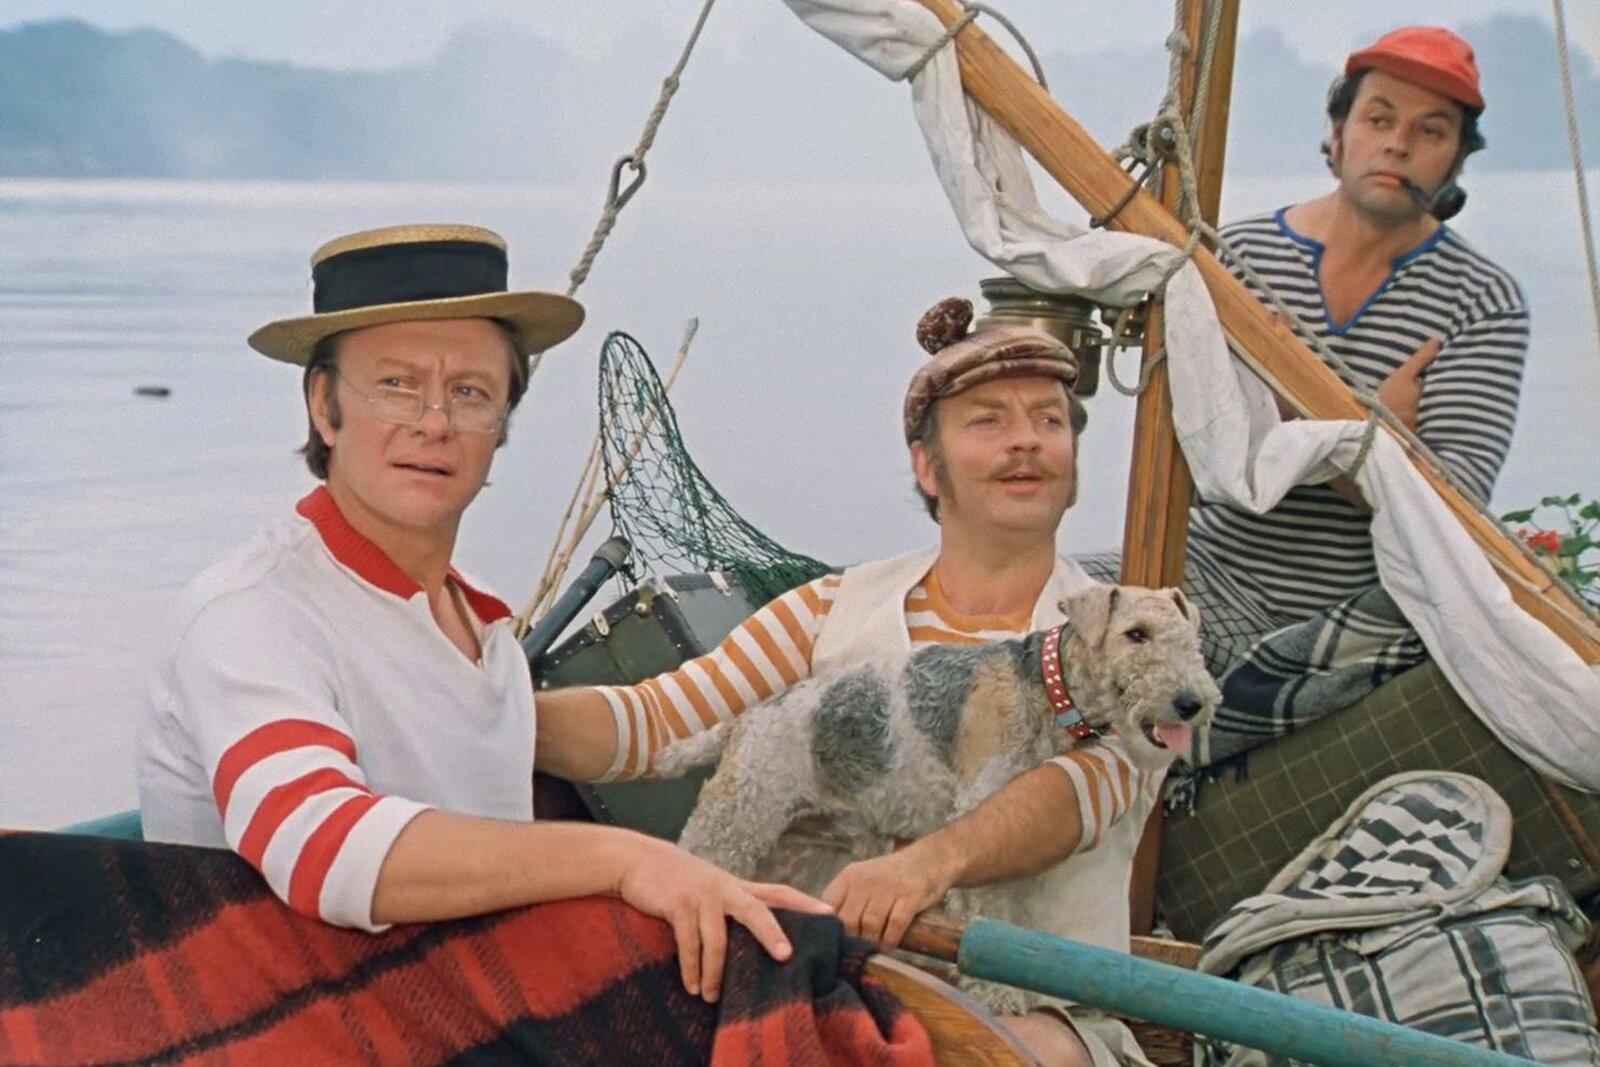 Кадр из фильма «Трое в лодке, не считая собаки». Режиссер Н. Бирман. 1979 год